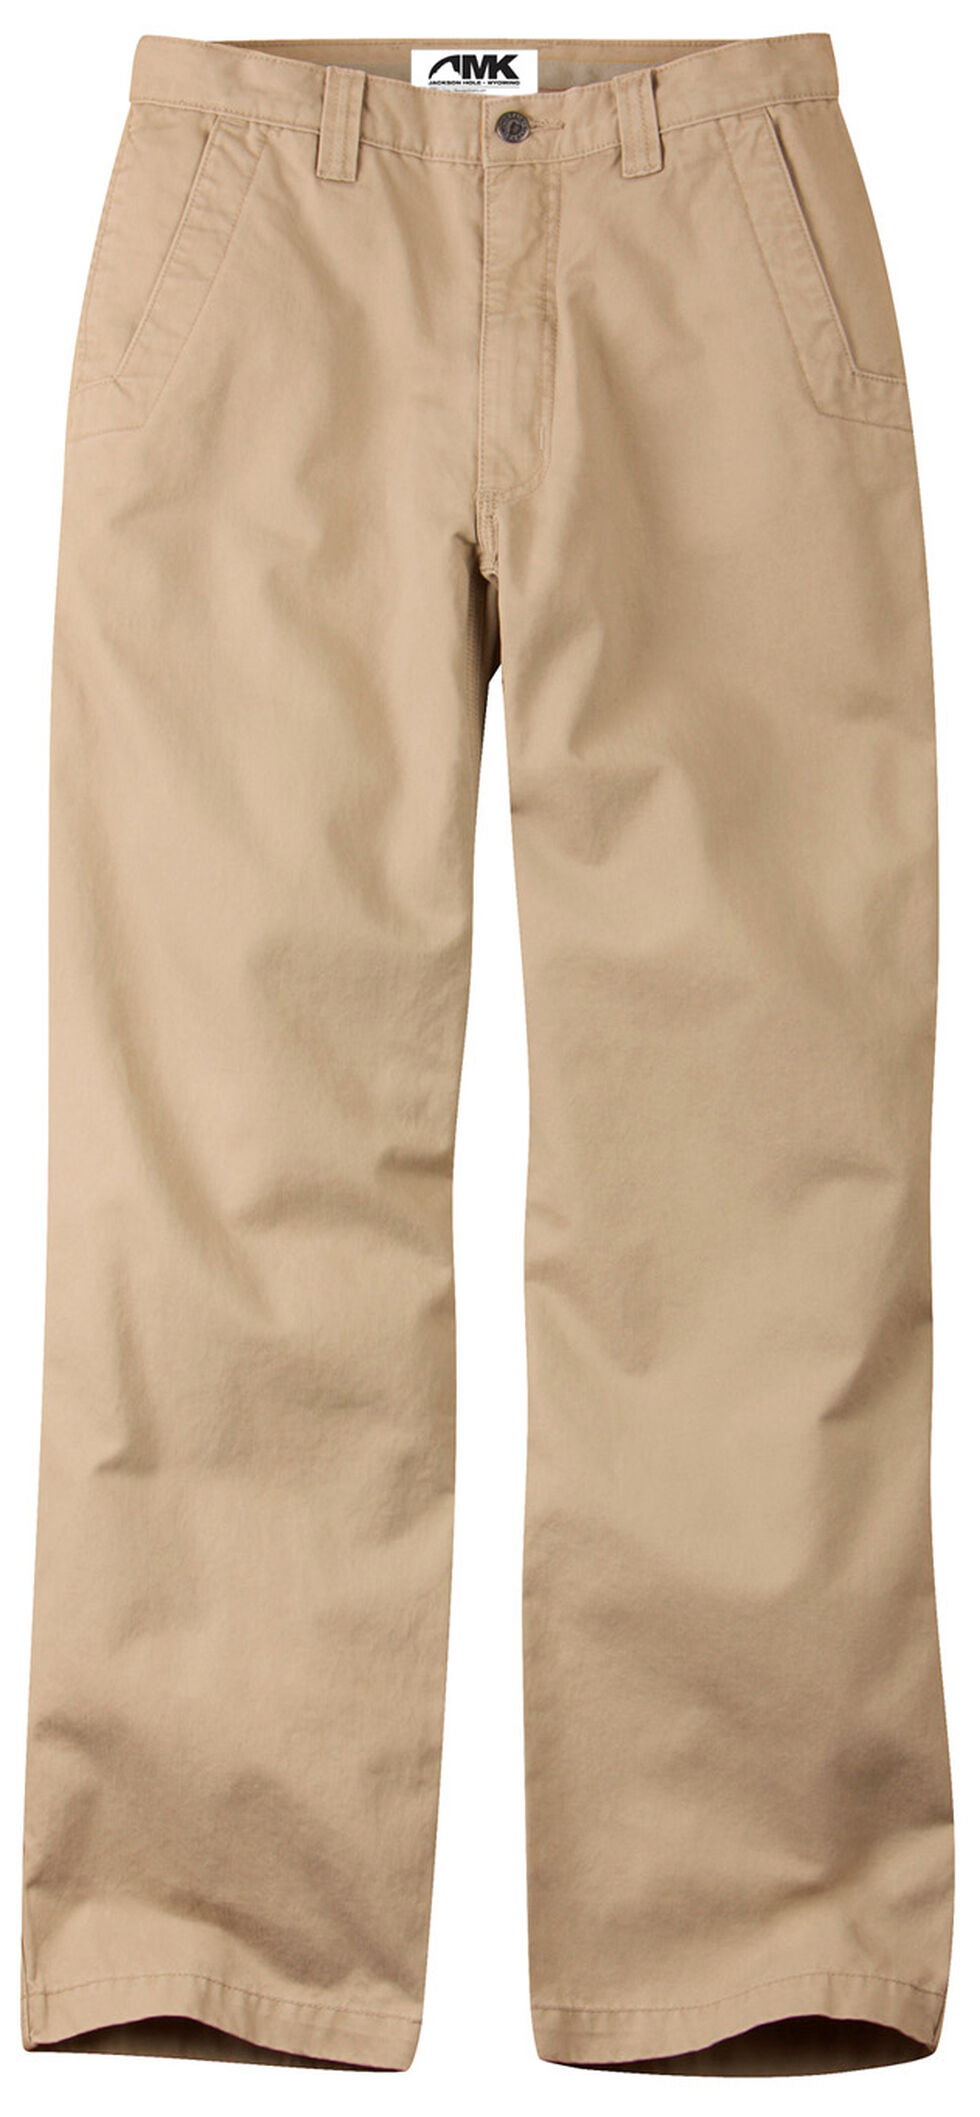 Mountain Khakis Retro Khaki Teton Twill Pants - Relaxed Fit, Khaki, hi-res